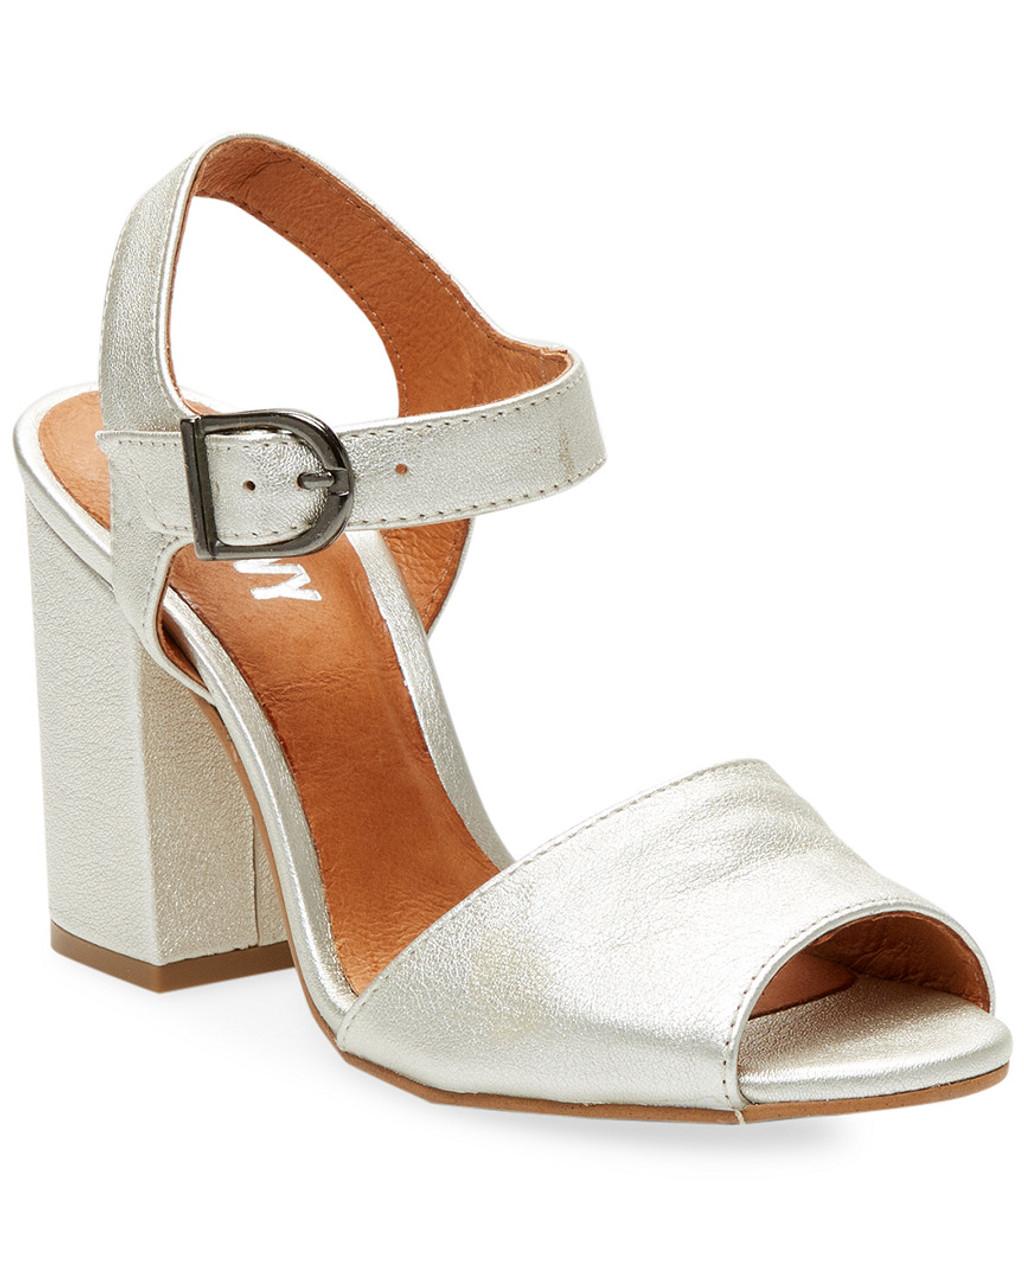 b045d3f24bc RENVY Brocade Block Heel Sandal~1311772242 - Bon-Ton